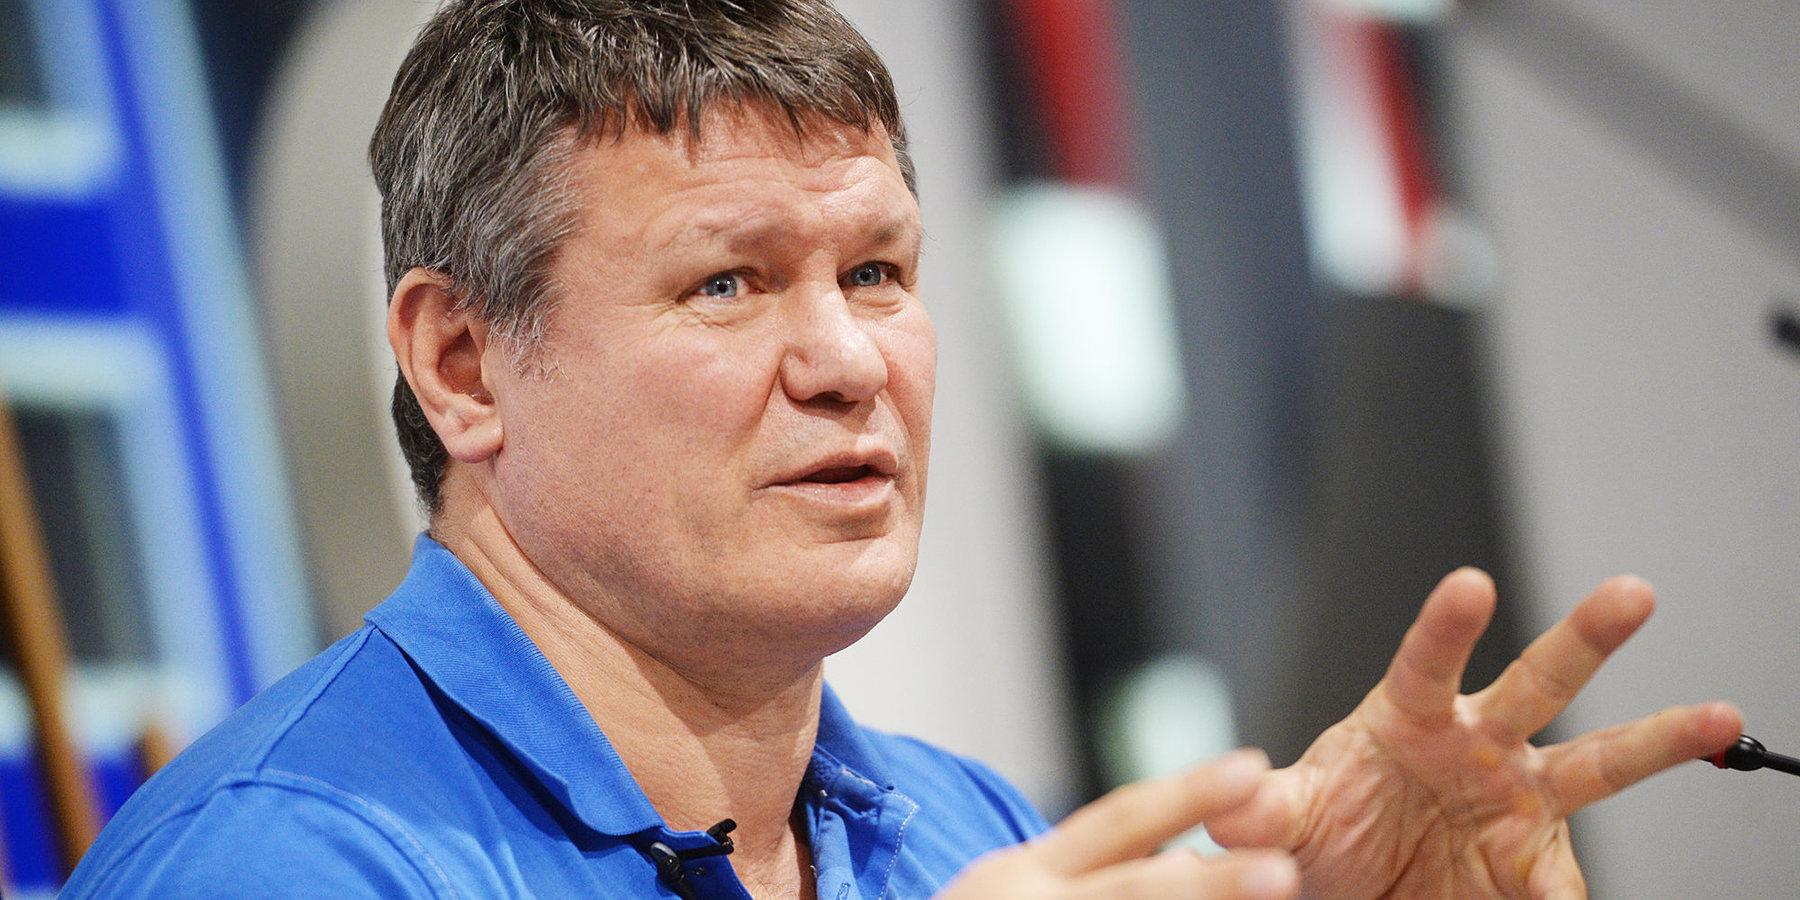 Олег Тактаров: «Помню, до дебюта в UFC недели три, а я голодный, из еды только соус сальса»